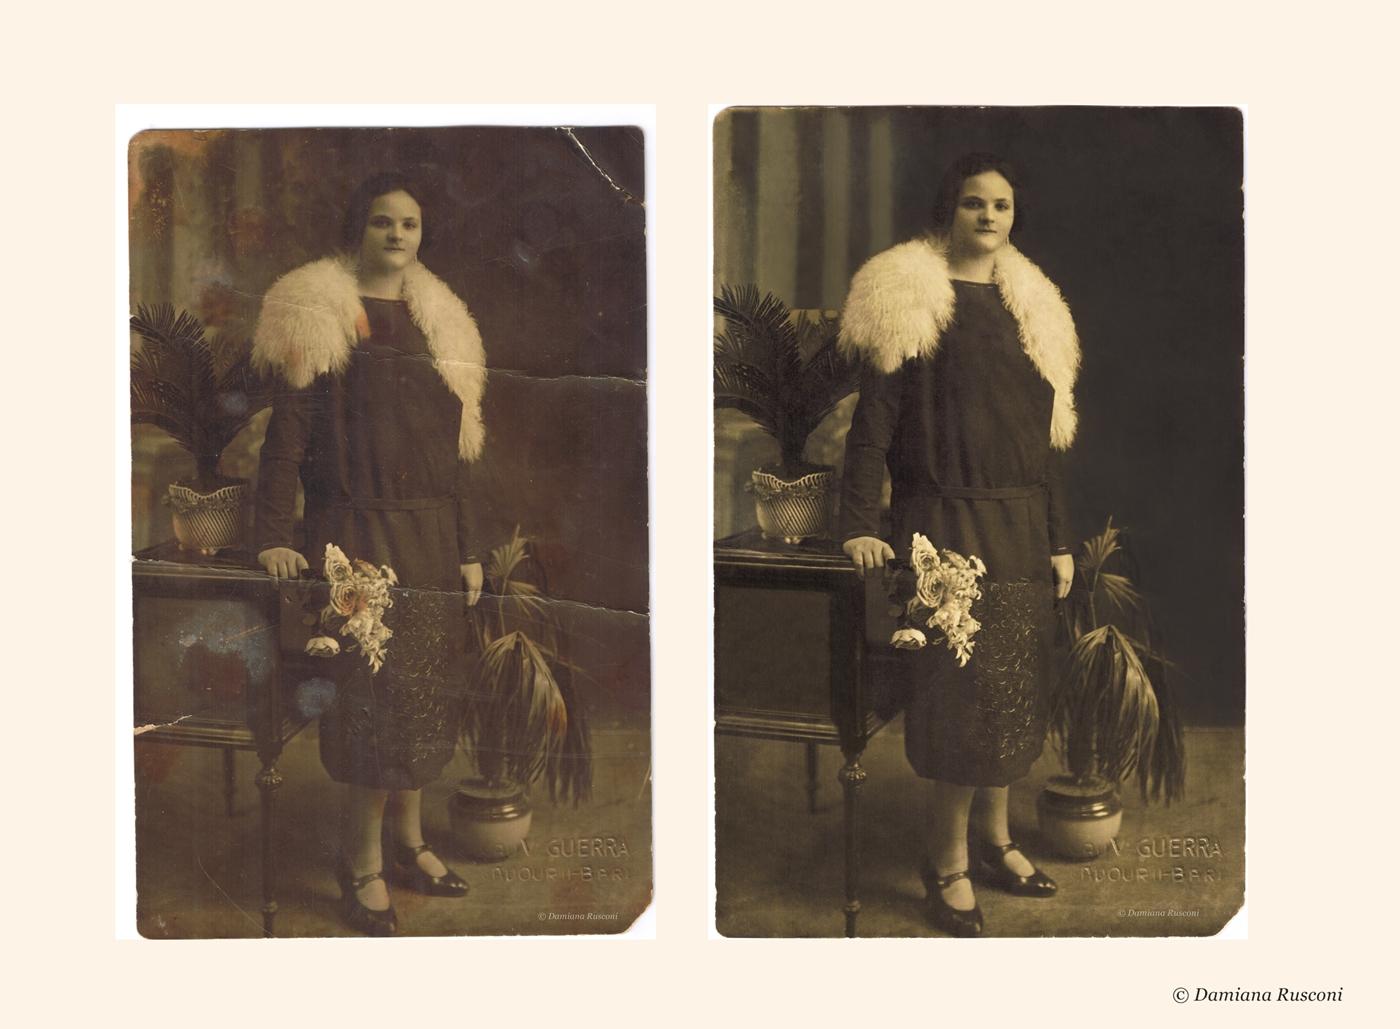 restauro digitale foto antiche